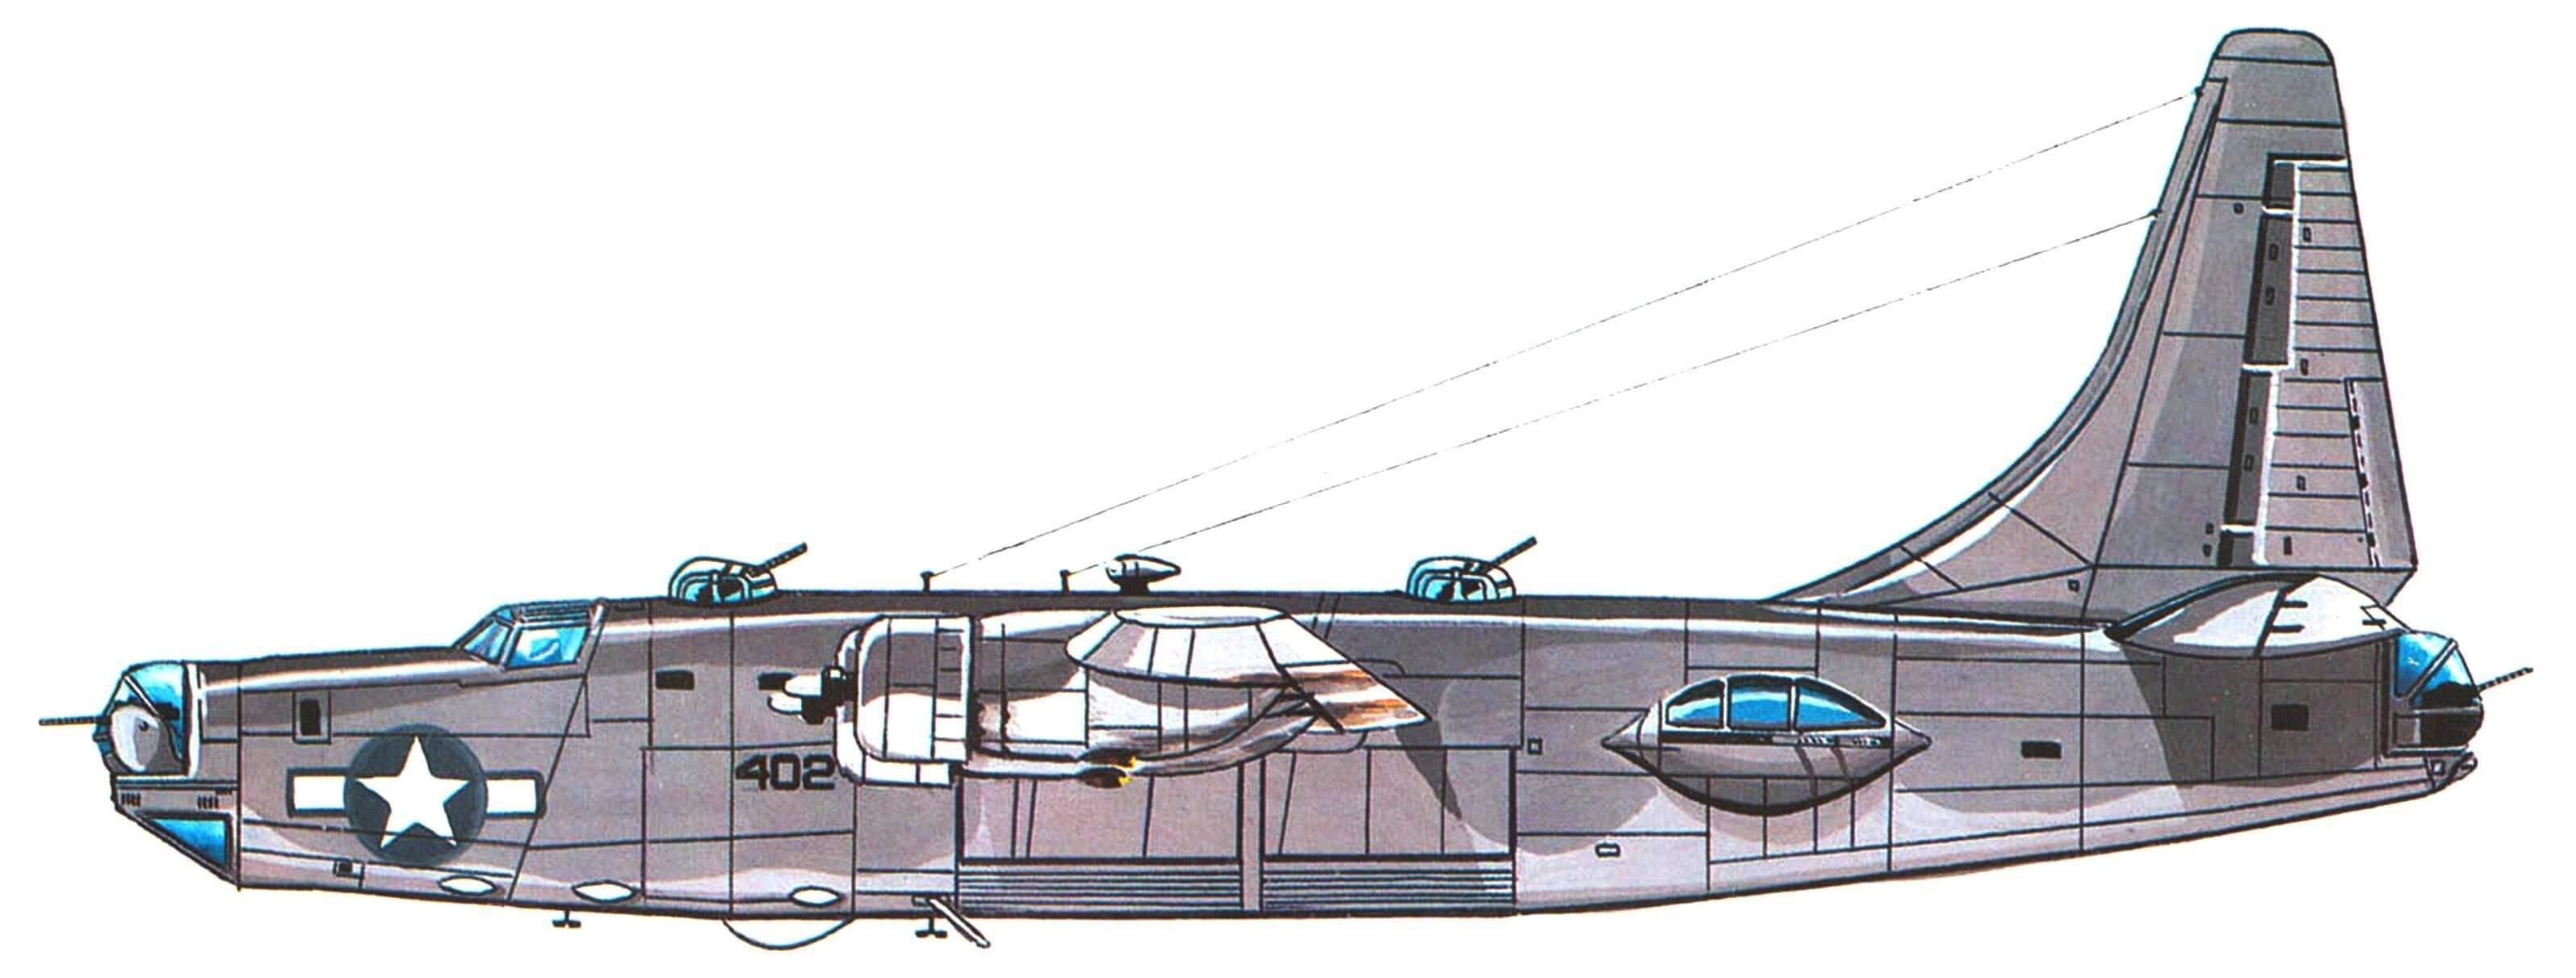 """PB4Y-2 """"Приватир"""" эскадрильи VPB-118 Иводзима, март 1945 года."""